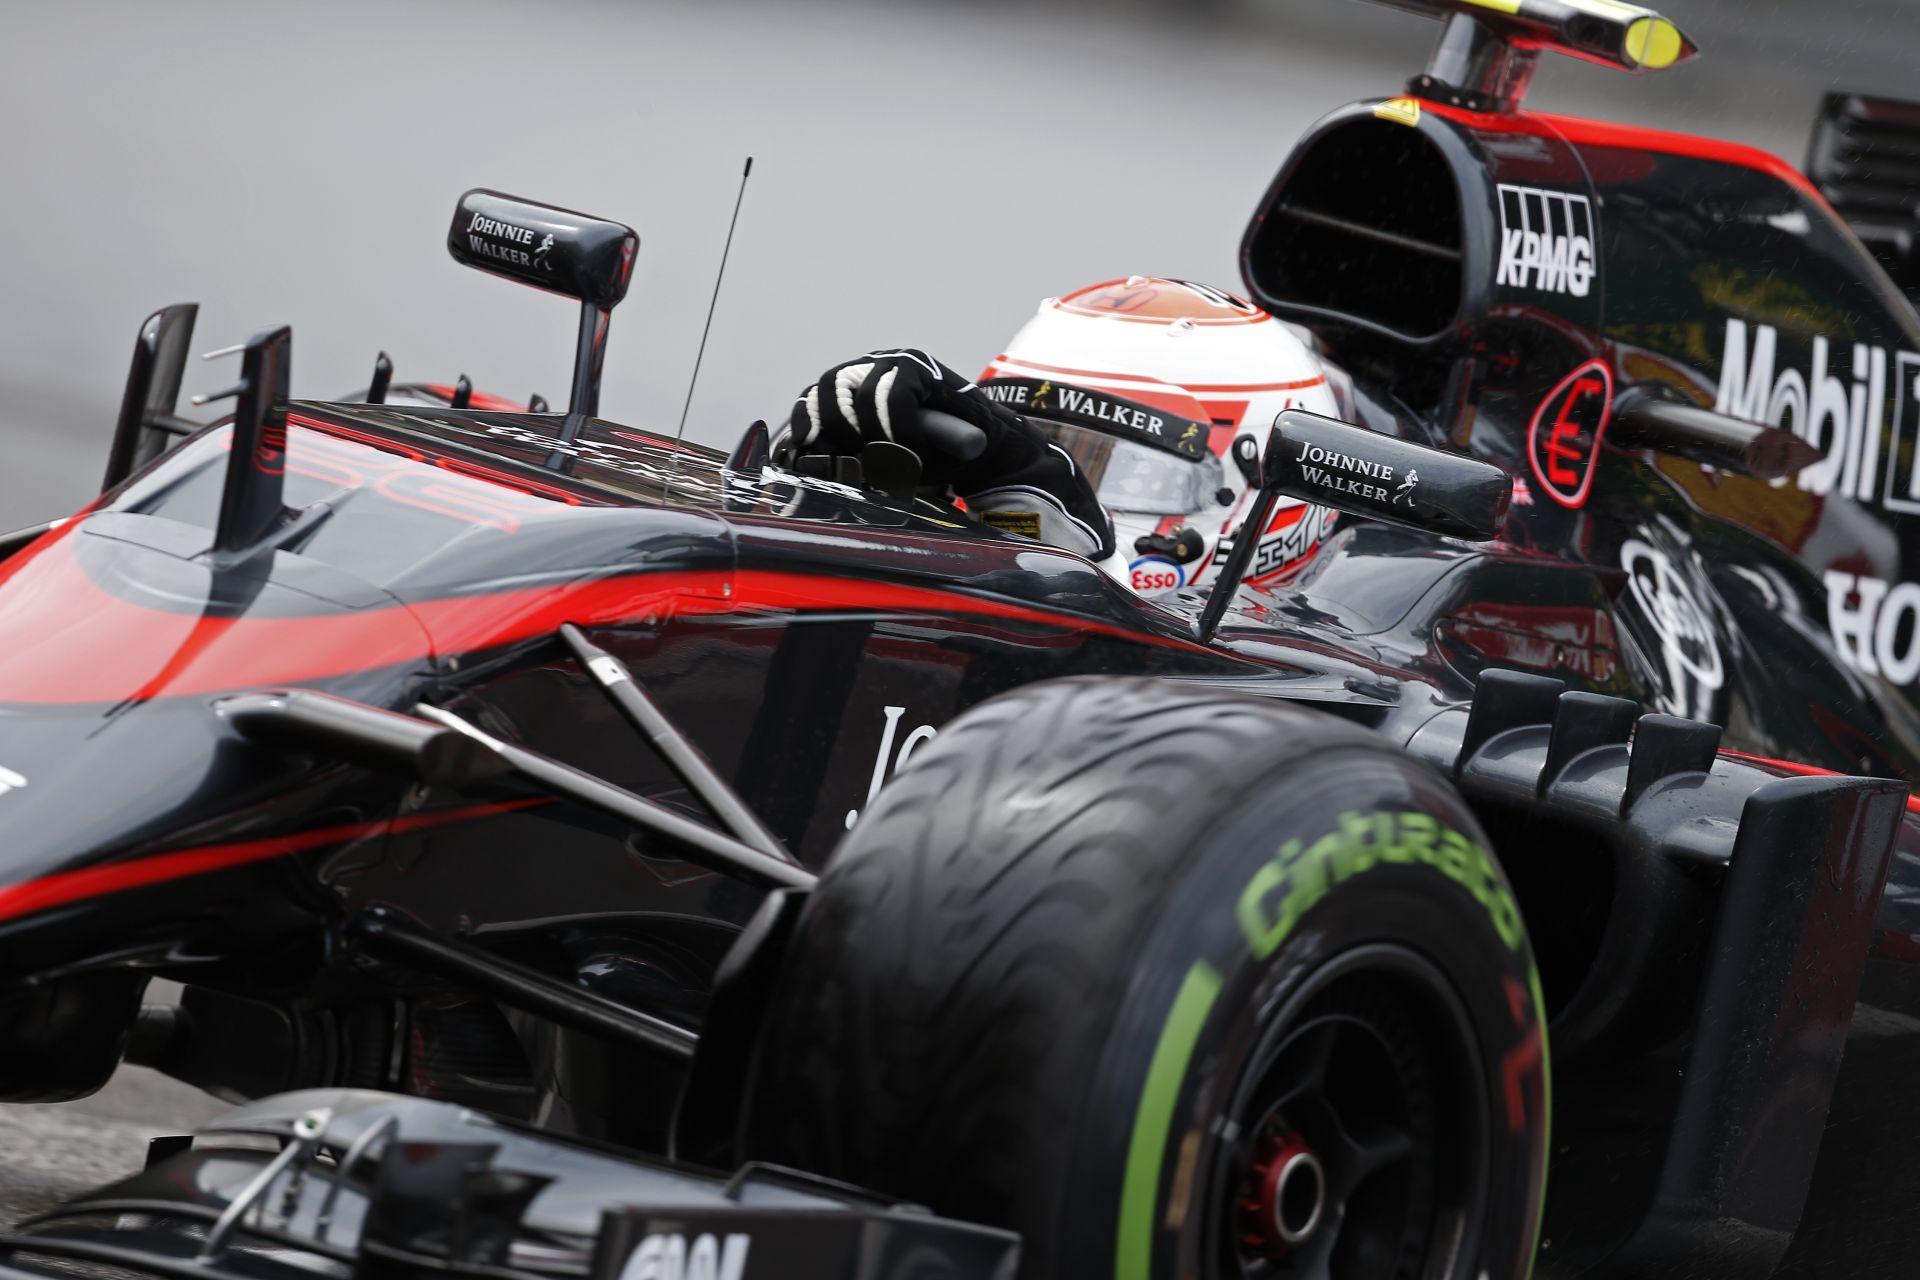 Buttonnak még mindig izzad a tenyere a McLaren-Honda miatt